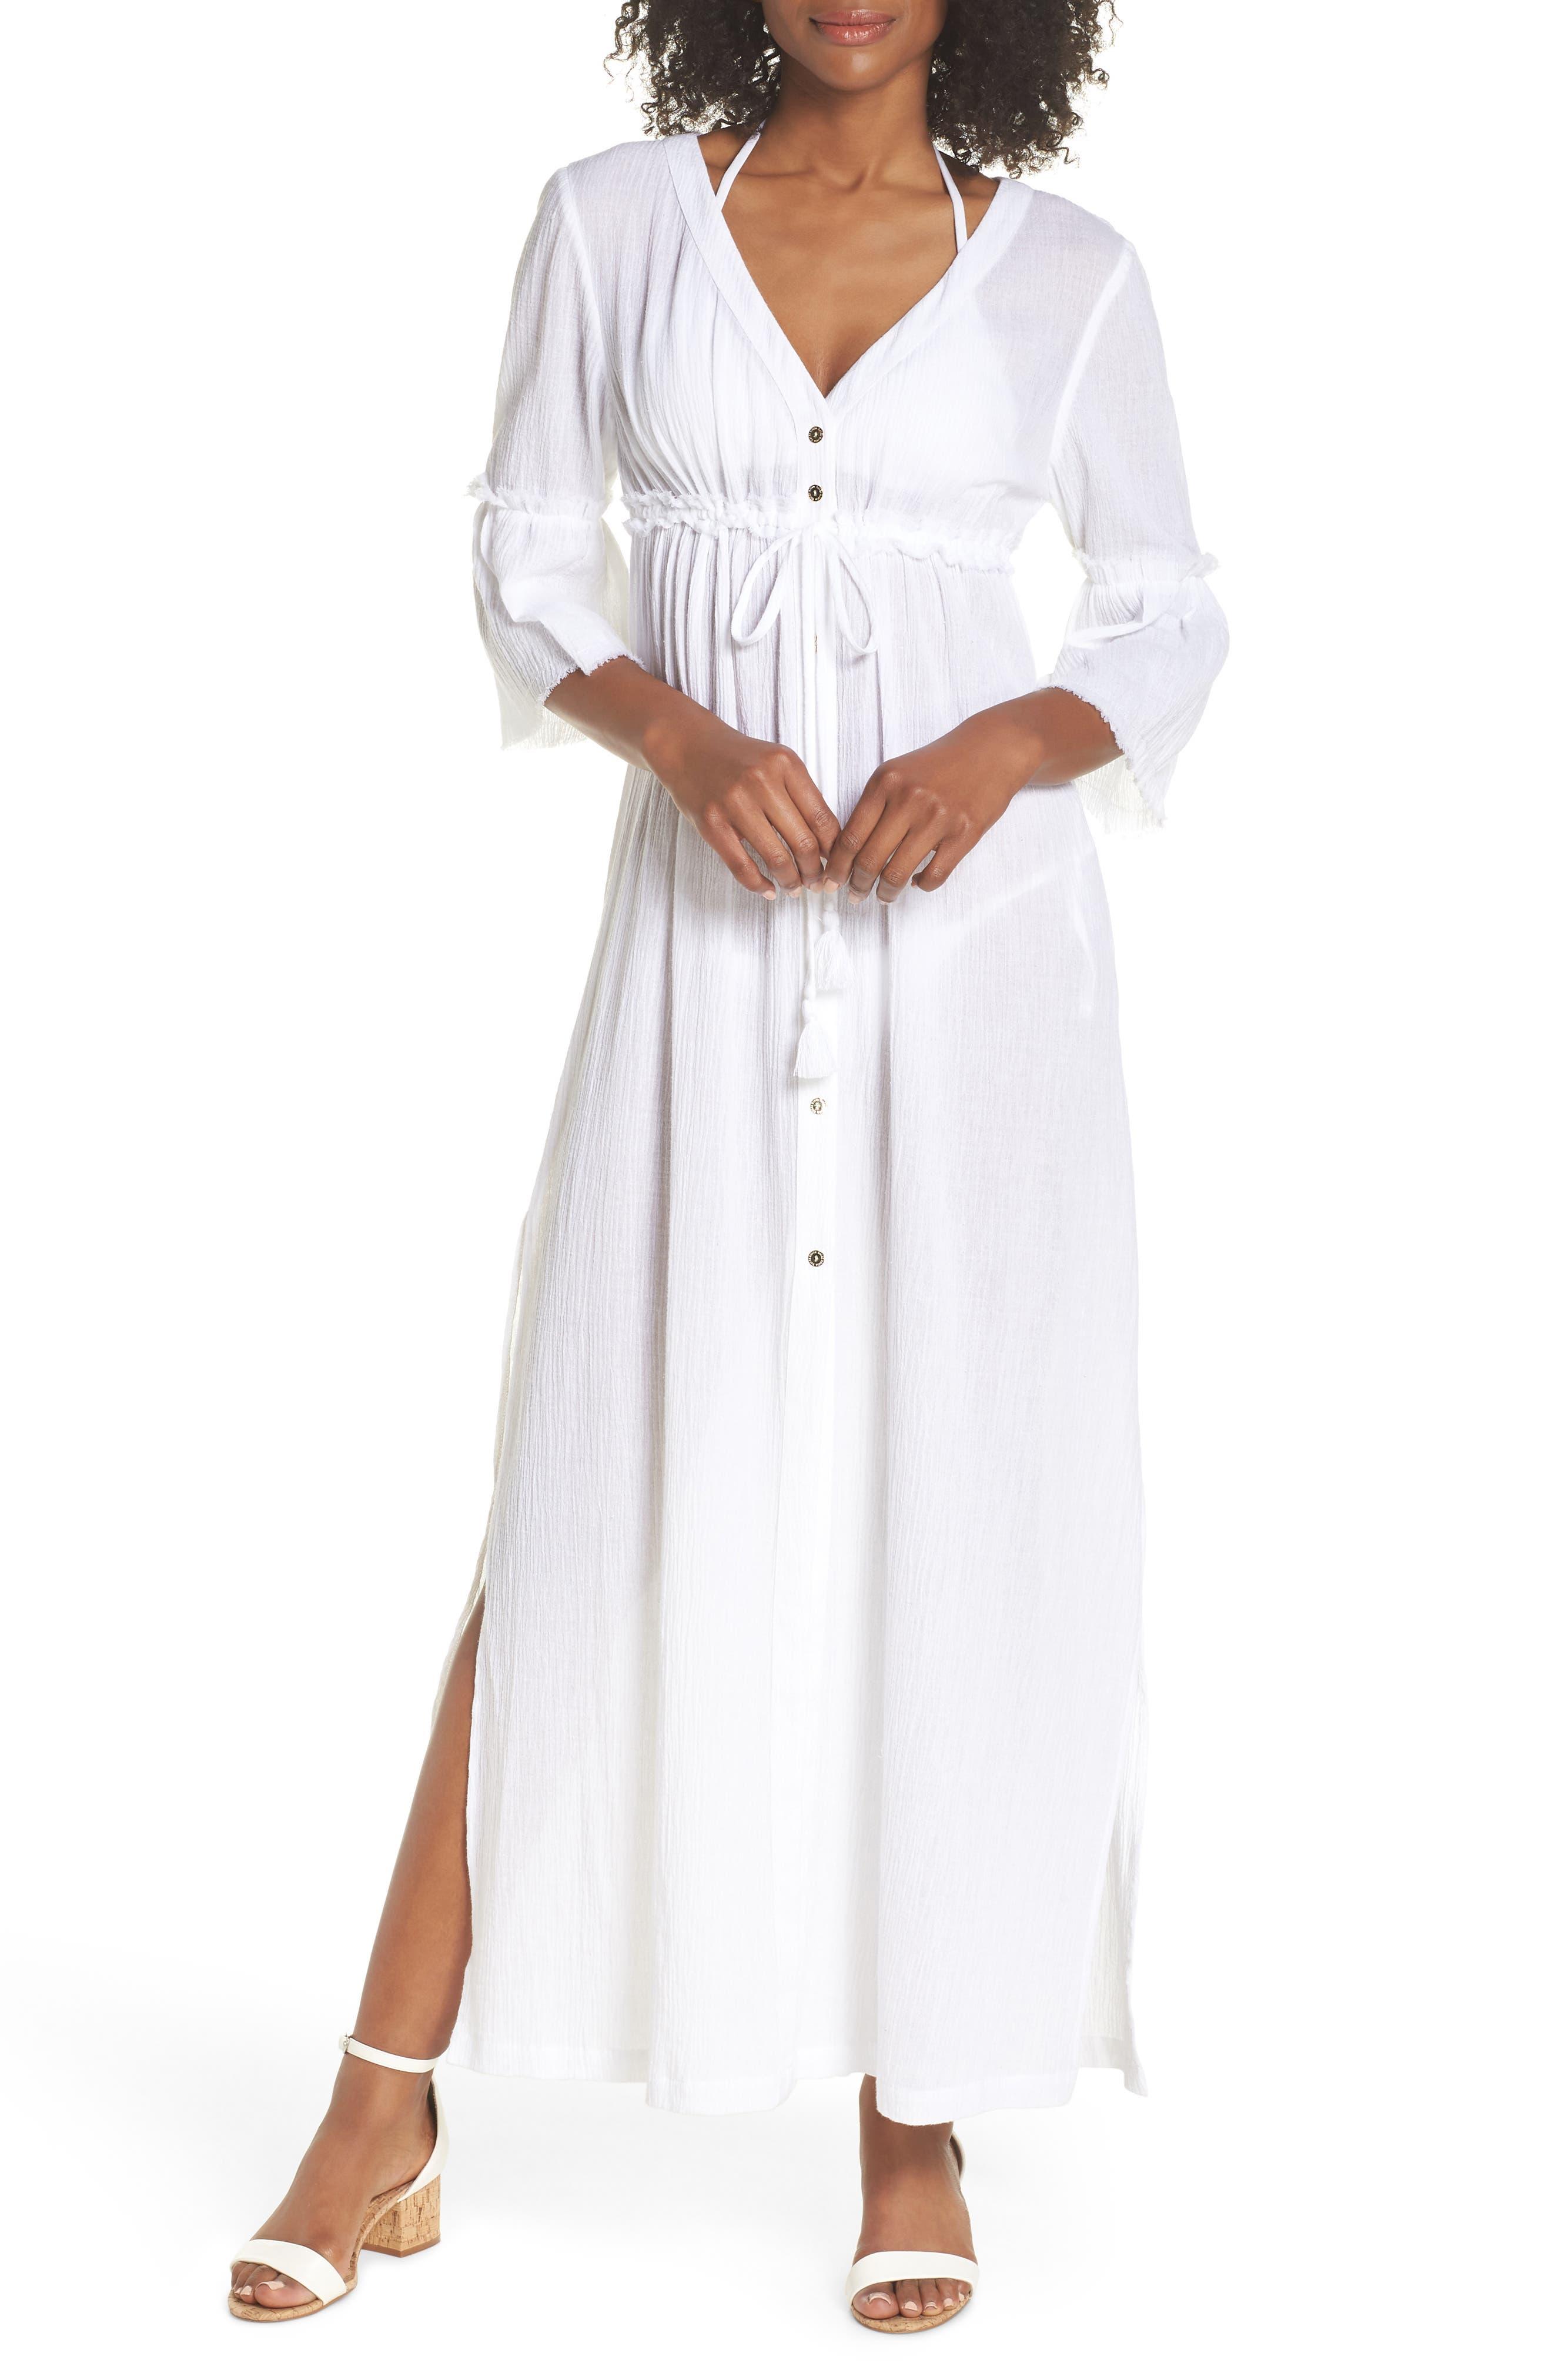 HEIDI KLEIN Portofino Button-Front Maxi Coverup Kaftan in White